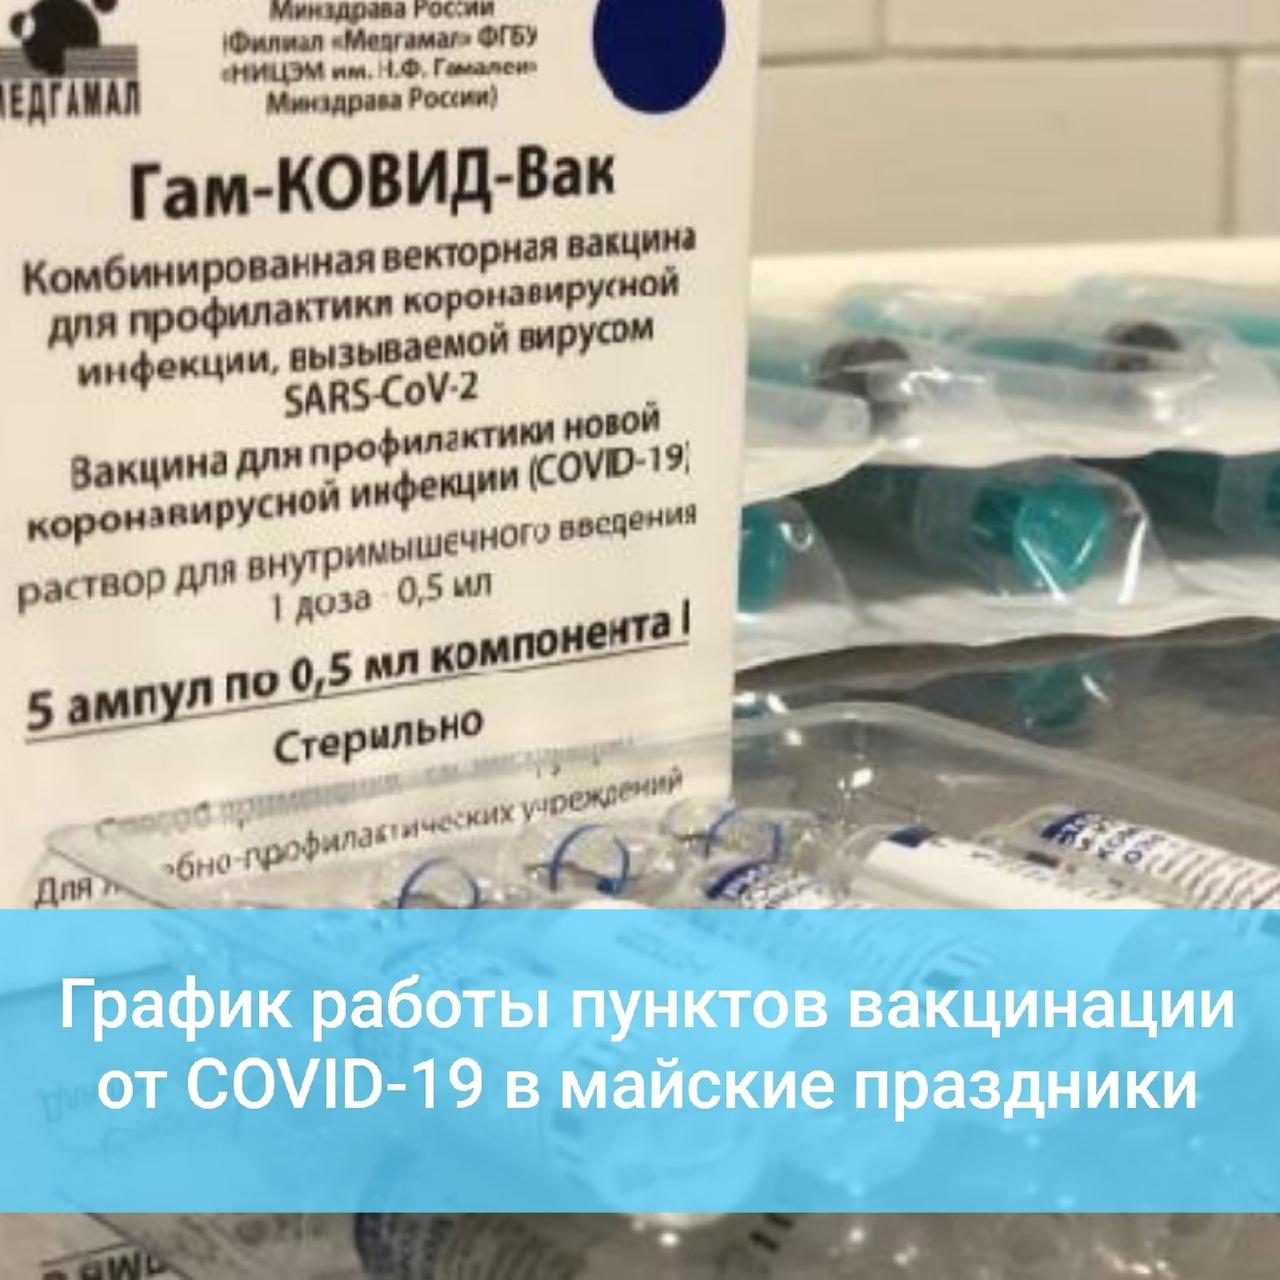 График работы пунктов вакцинации ГБУЗ МО КГБ №1  с 1 по 10 мая  Вакцинироваться от COVID-19 можно по записи  🔸в поликлинике КГБ №1 (ул